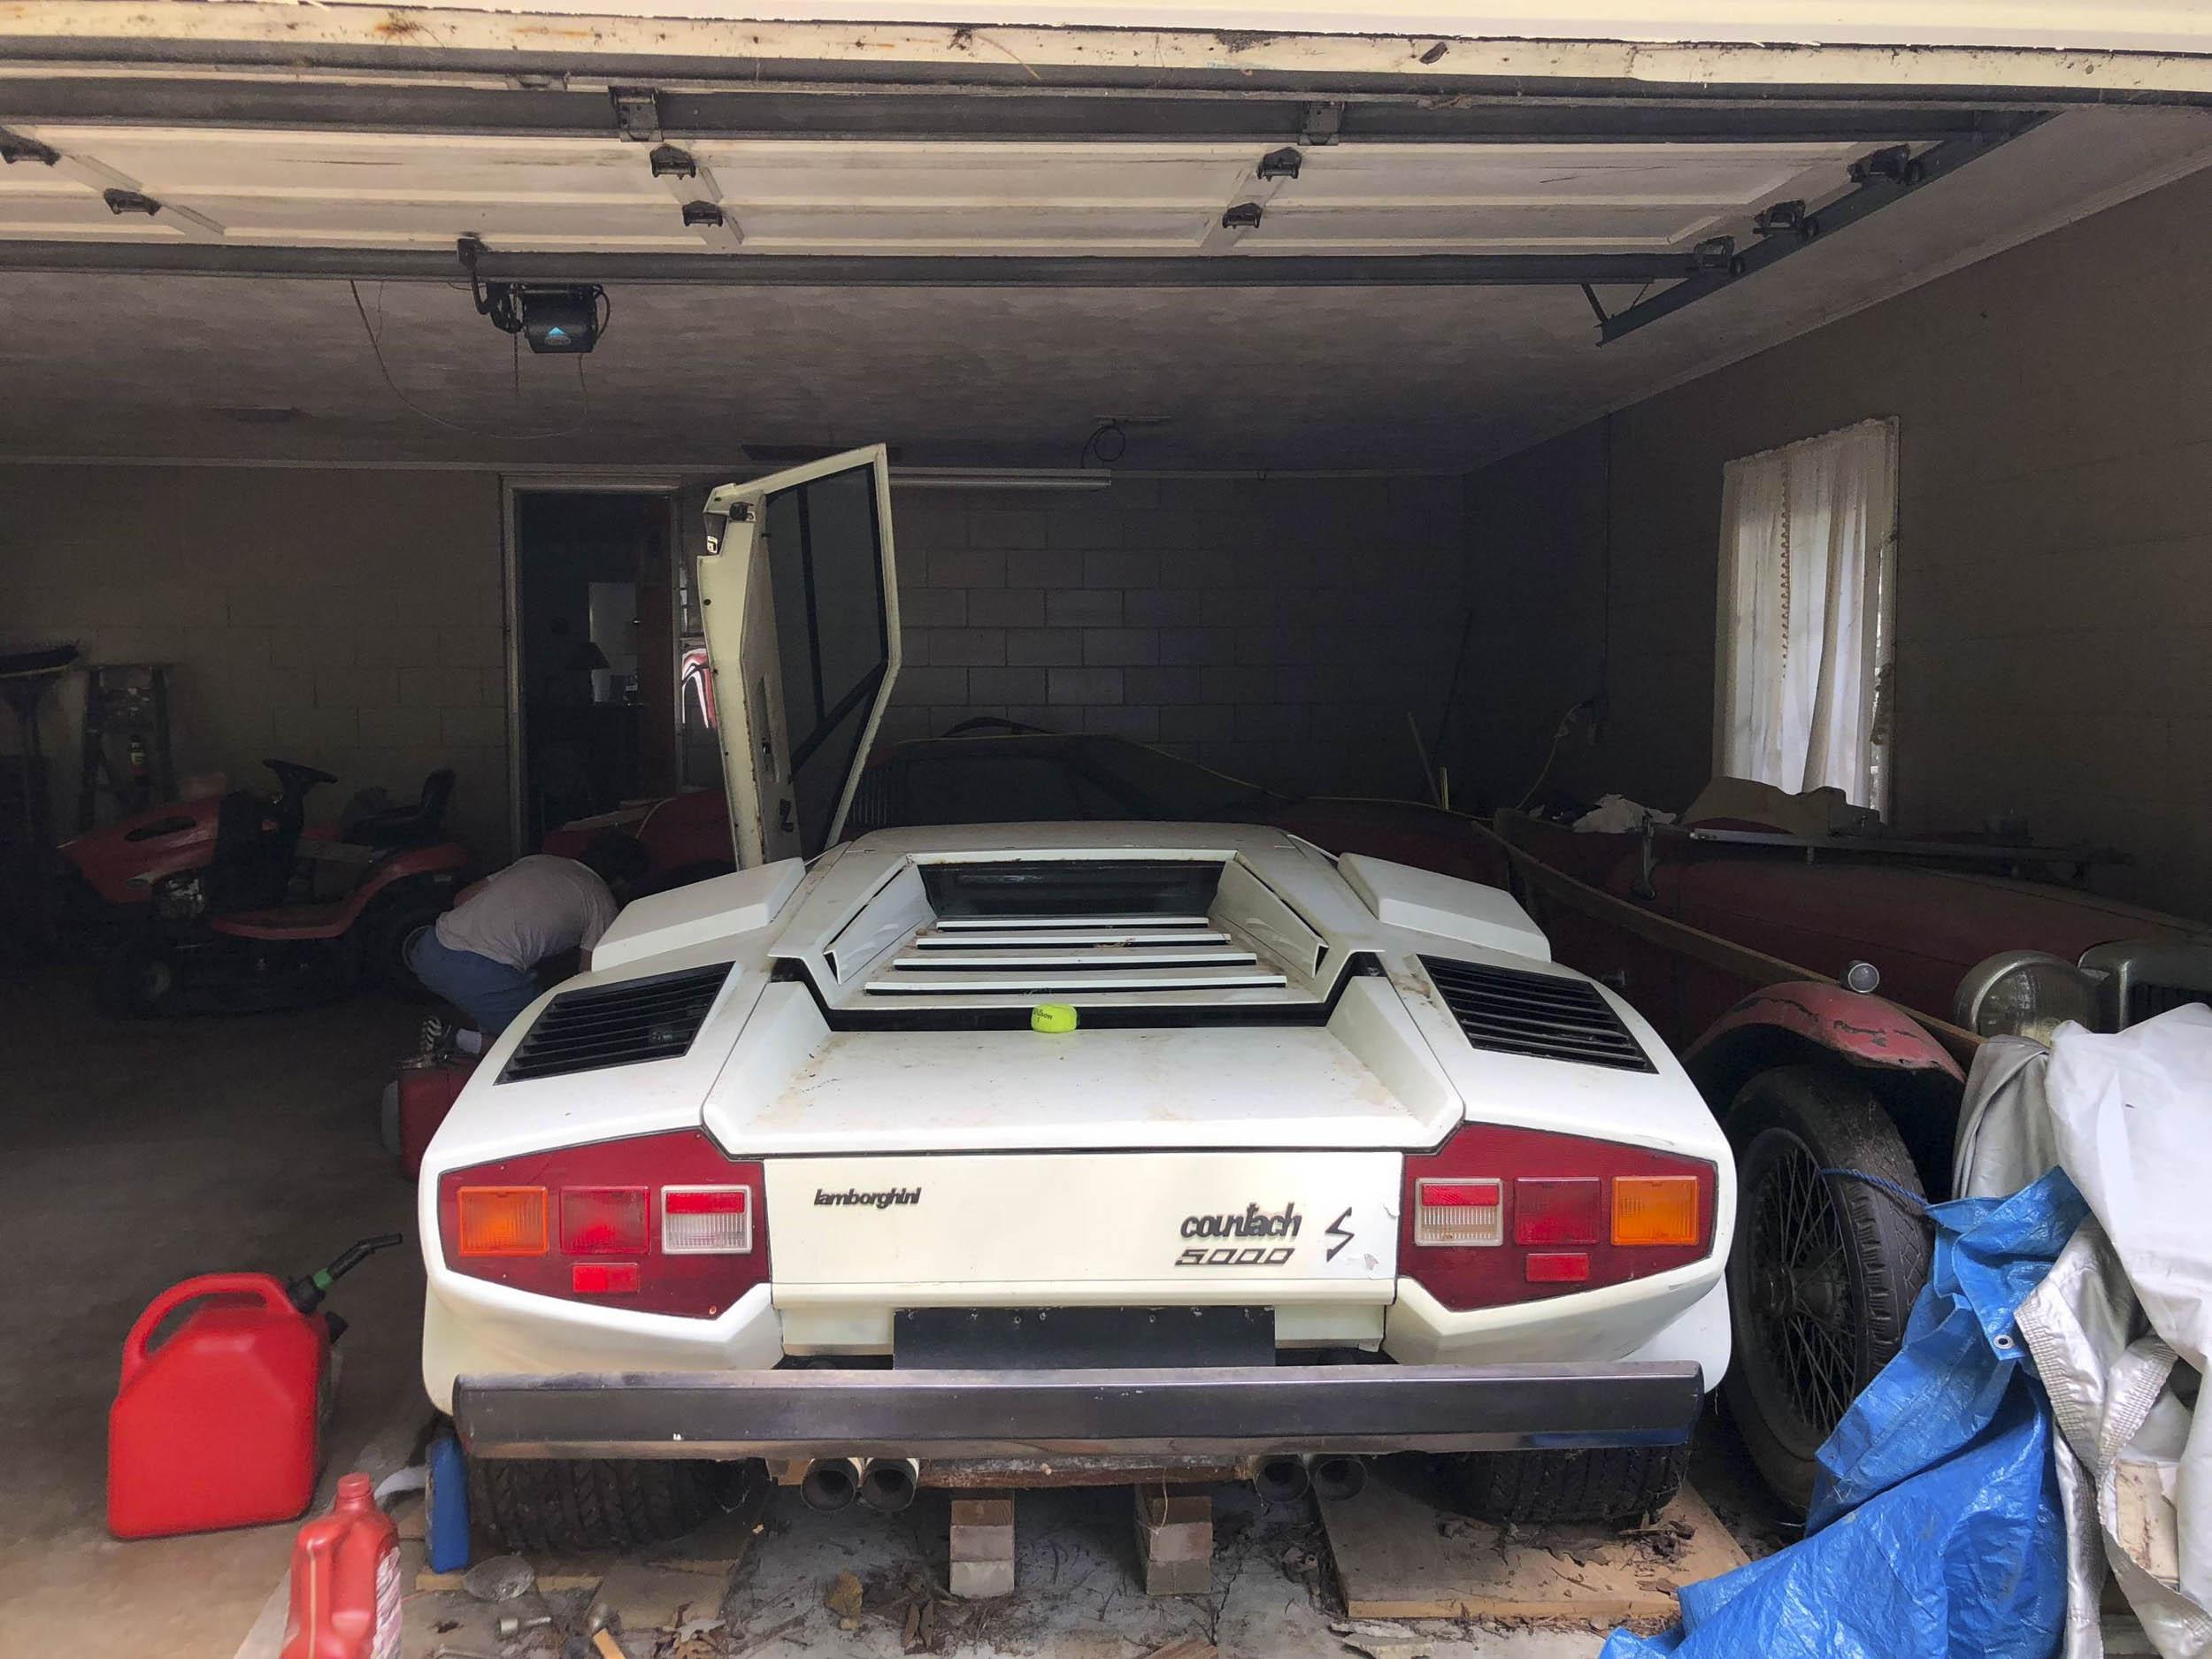 garage find Lamborghini Countach rear